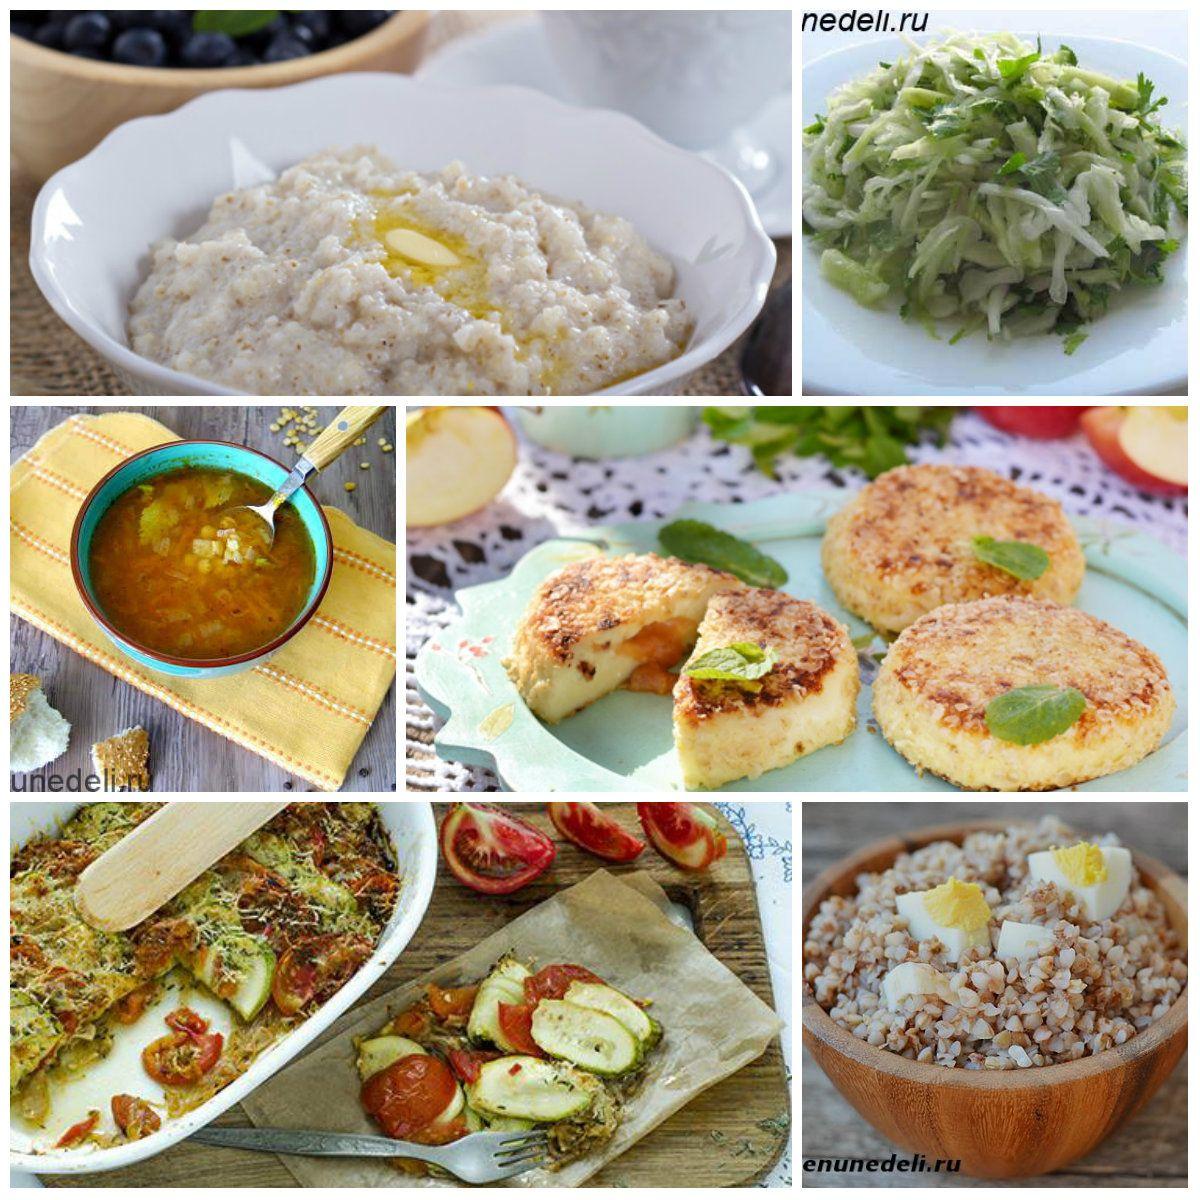 Пятый стол диета рецепты блюд с фото